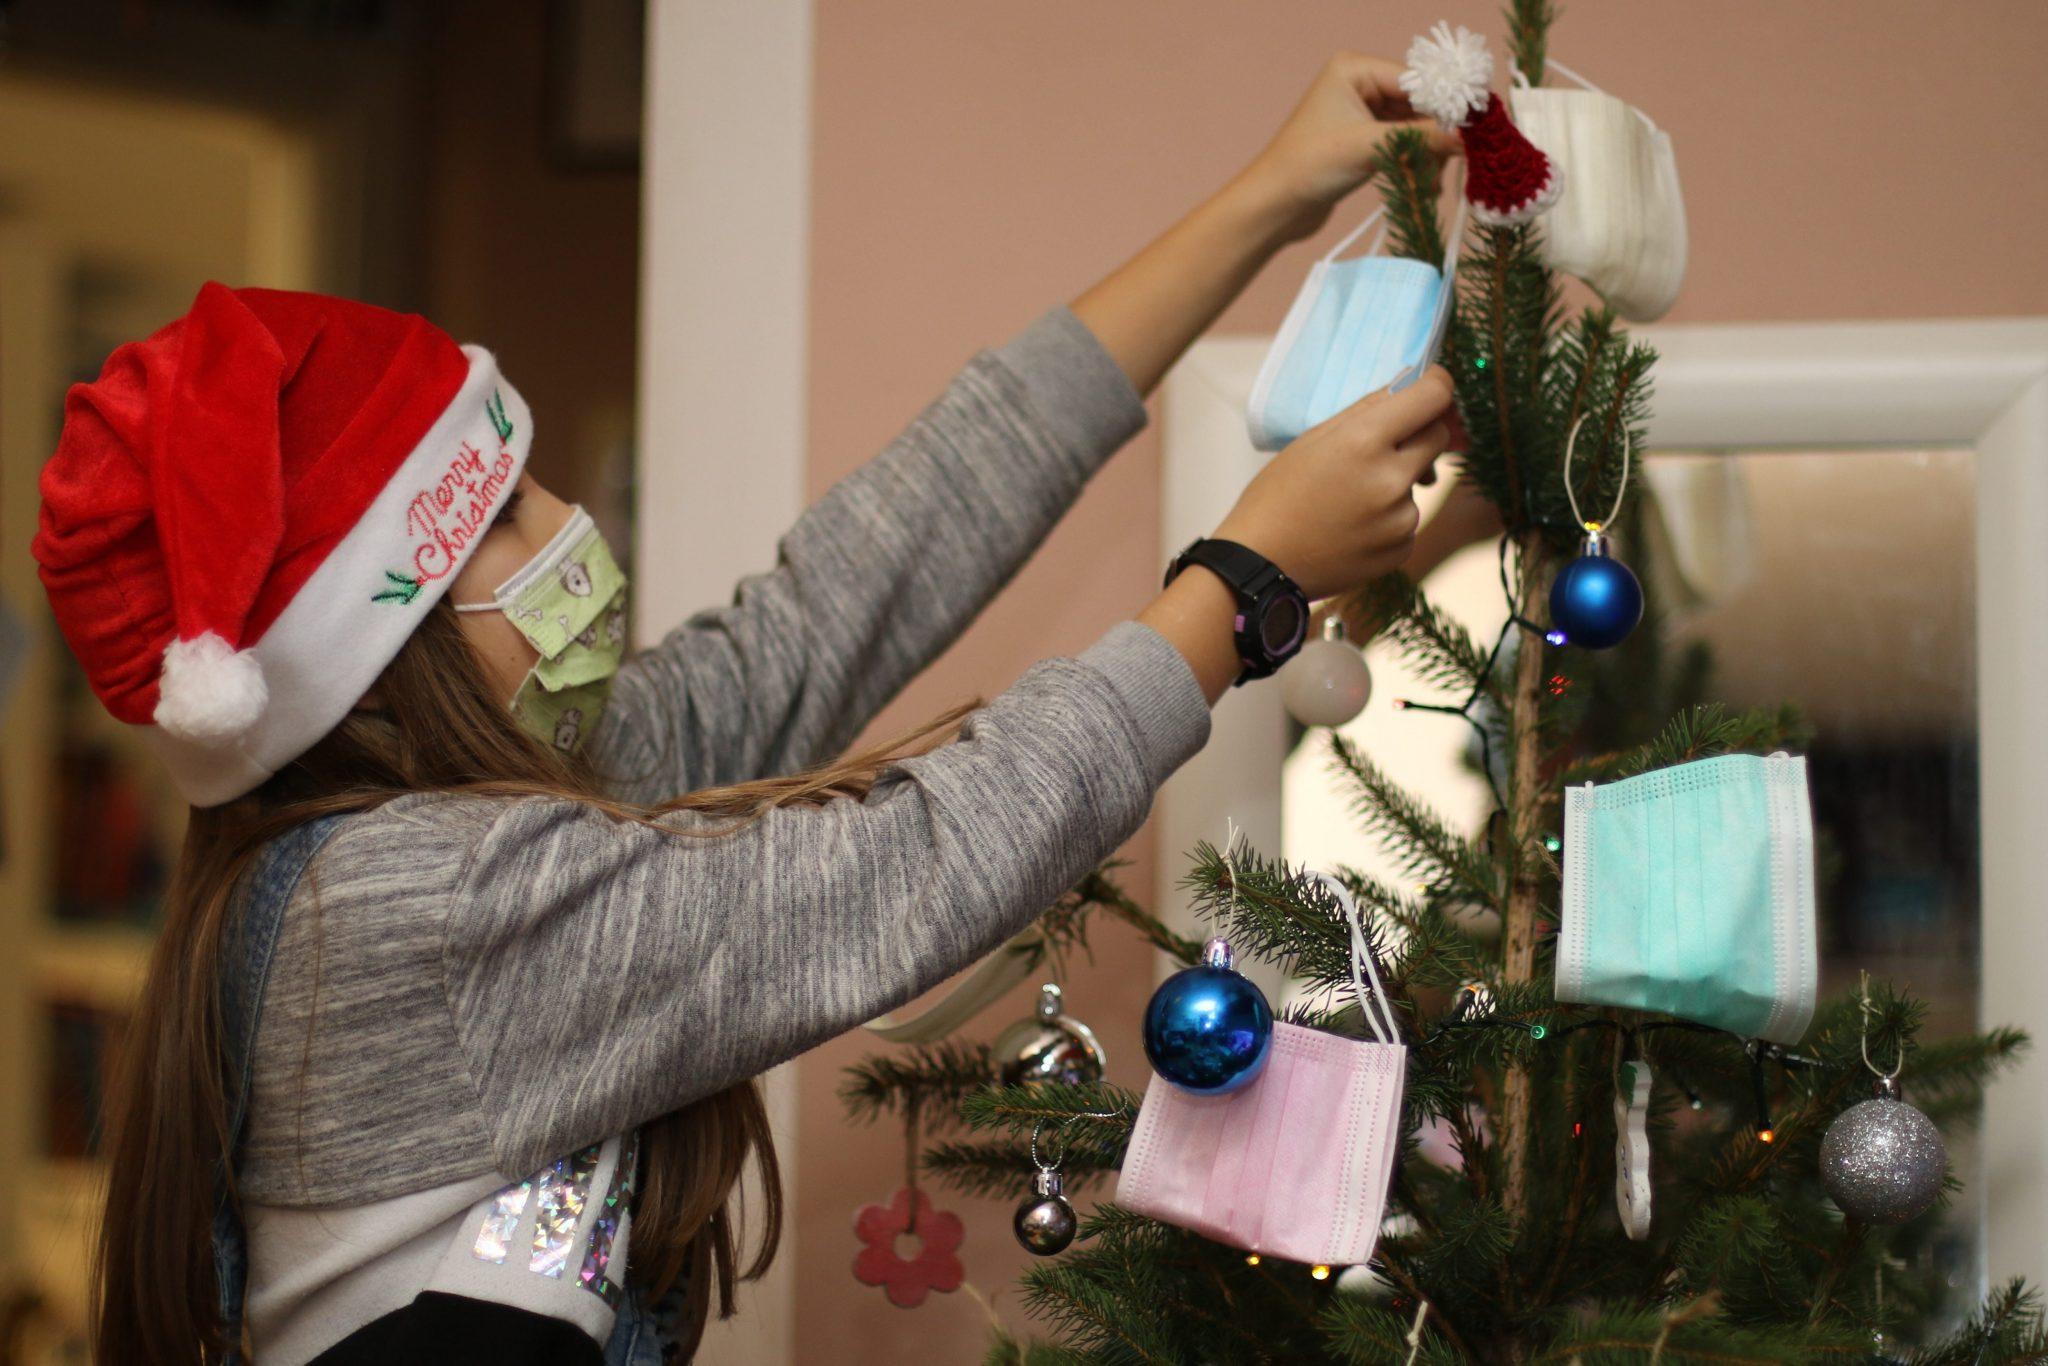 Ein Mädchen schmückt den Weihnachtsbaum mit Mundschutzmasken.